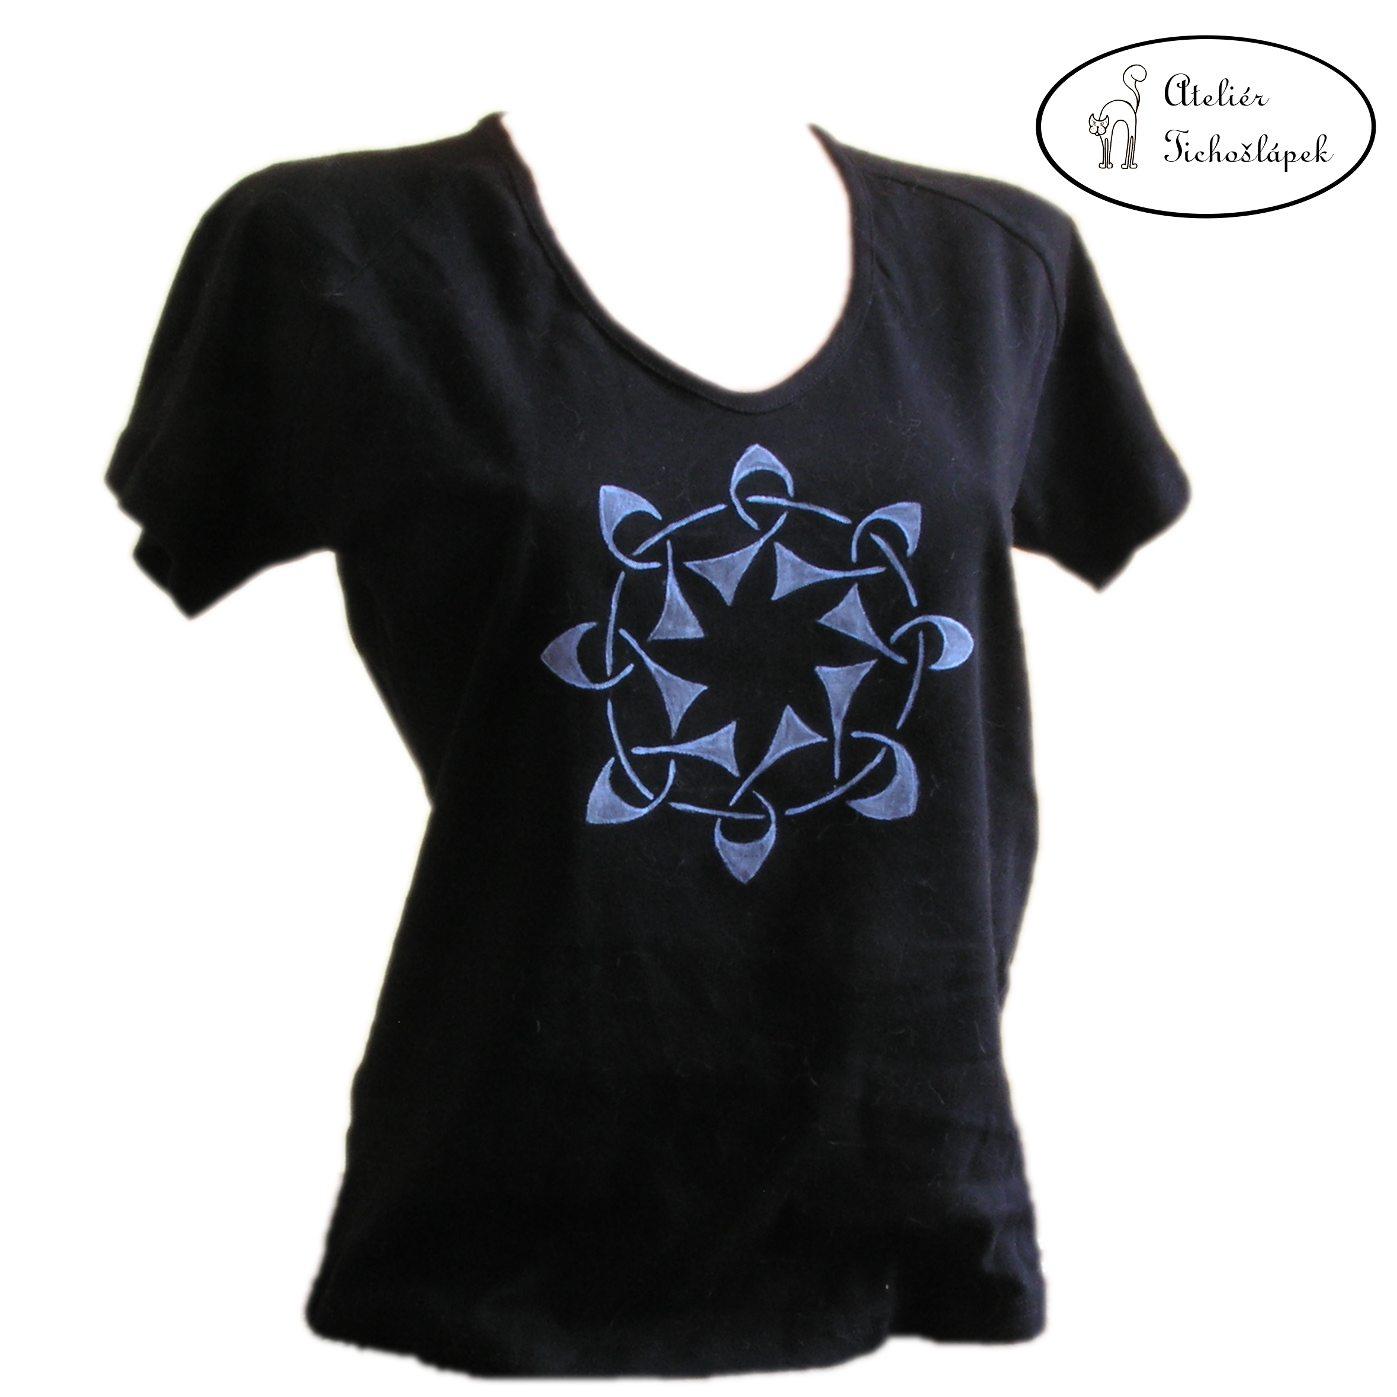 20c960f18 ručně malované dámské tričko - černá barva - velikost XXL - vzor: knotwork  - střih: krátký rukáv - materiál: 100% bavlna, 200g/m2